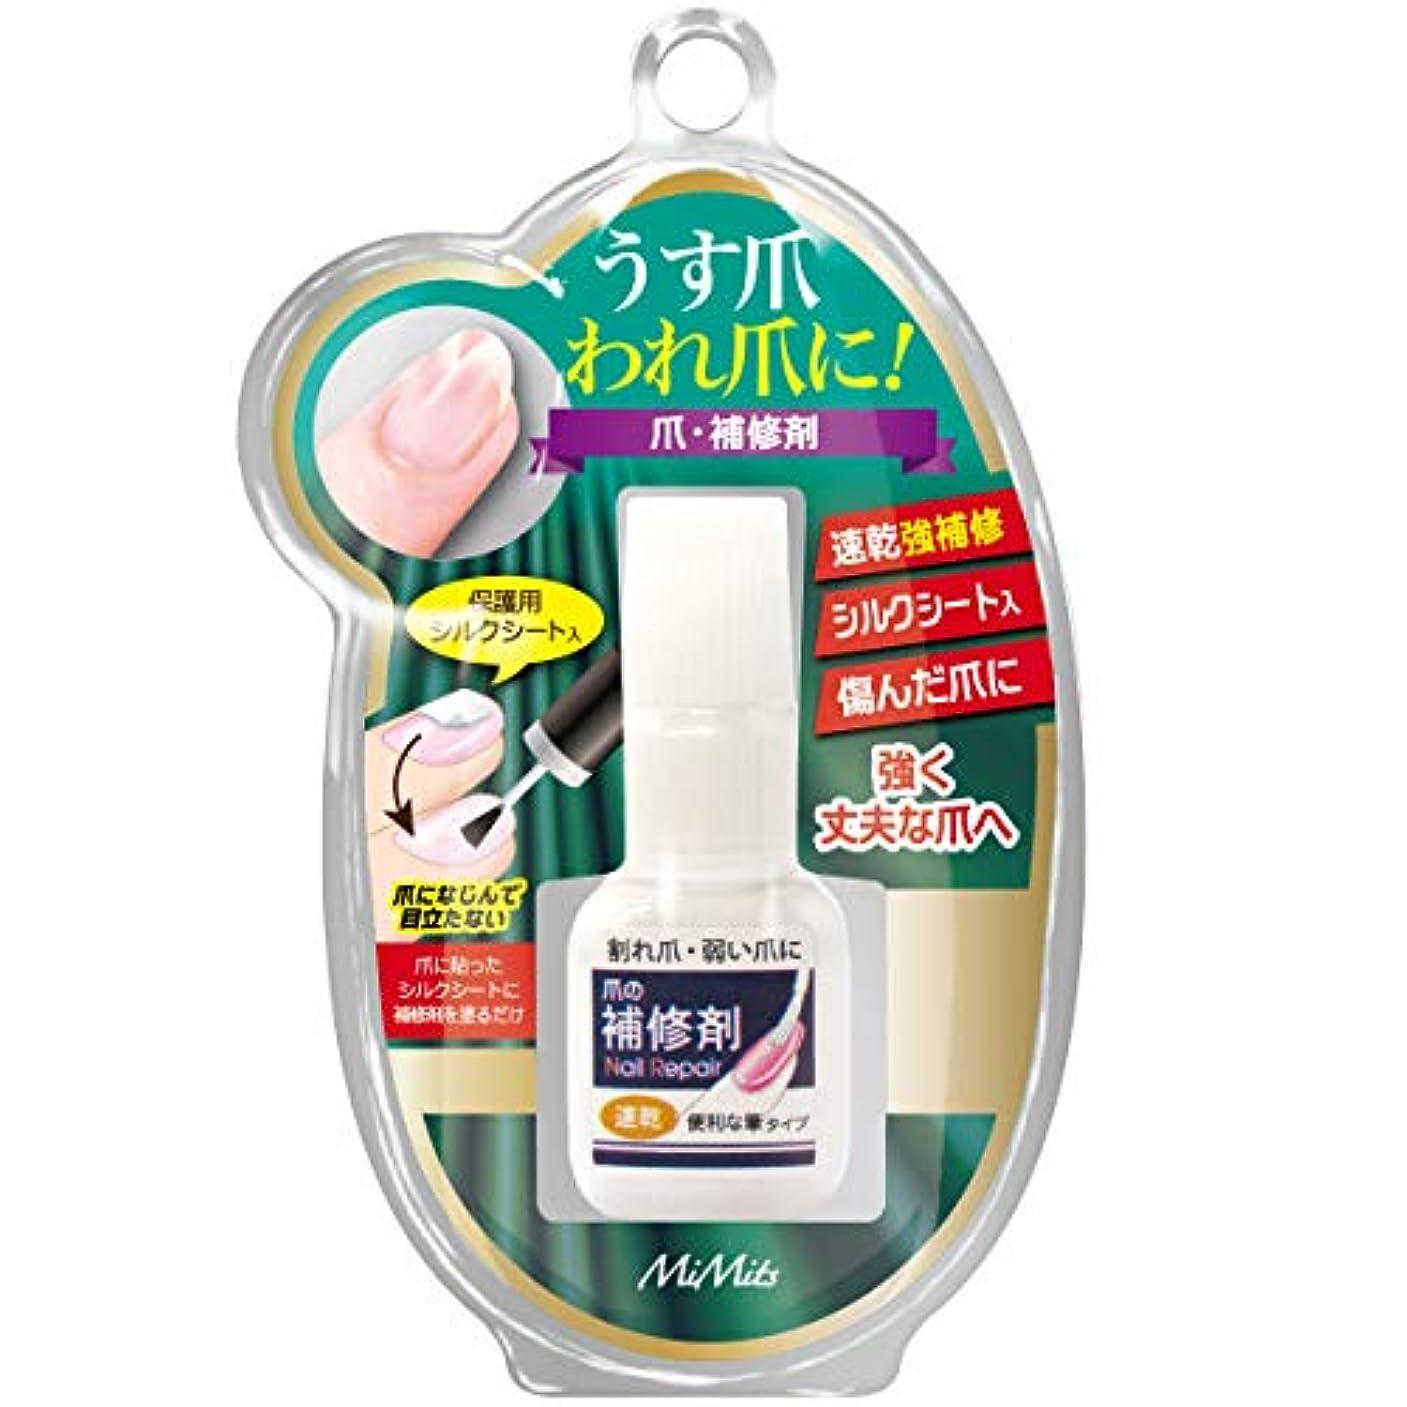 一次聖なるパーフェルビッドBN(ビーエヌ) 爪の補修剤 THS-01 (1本)